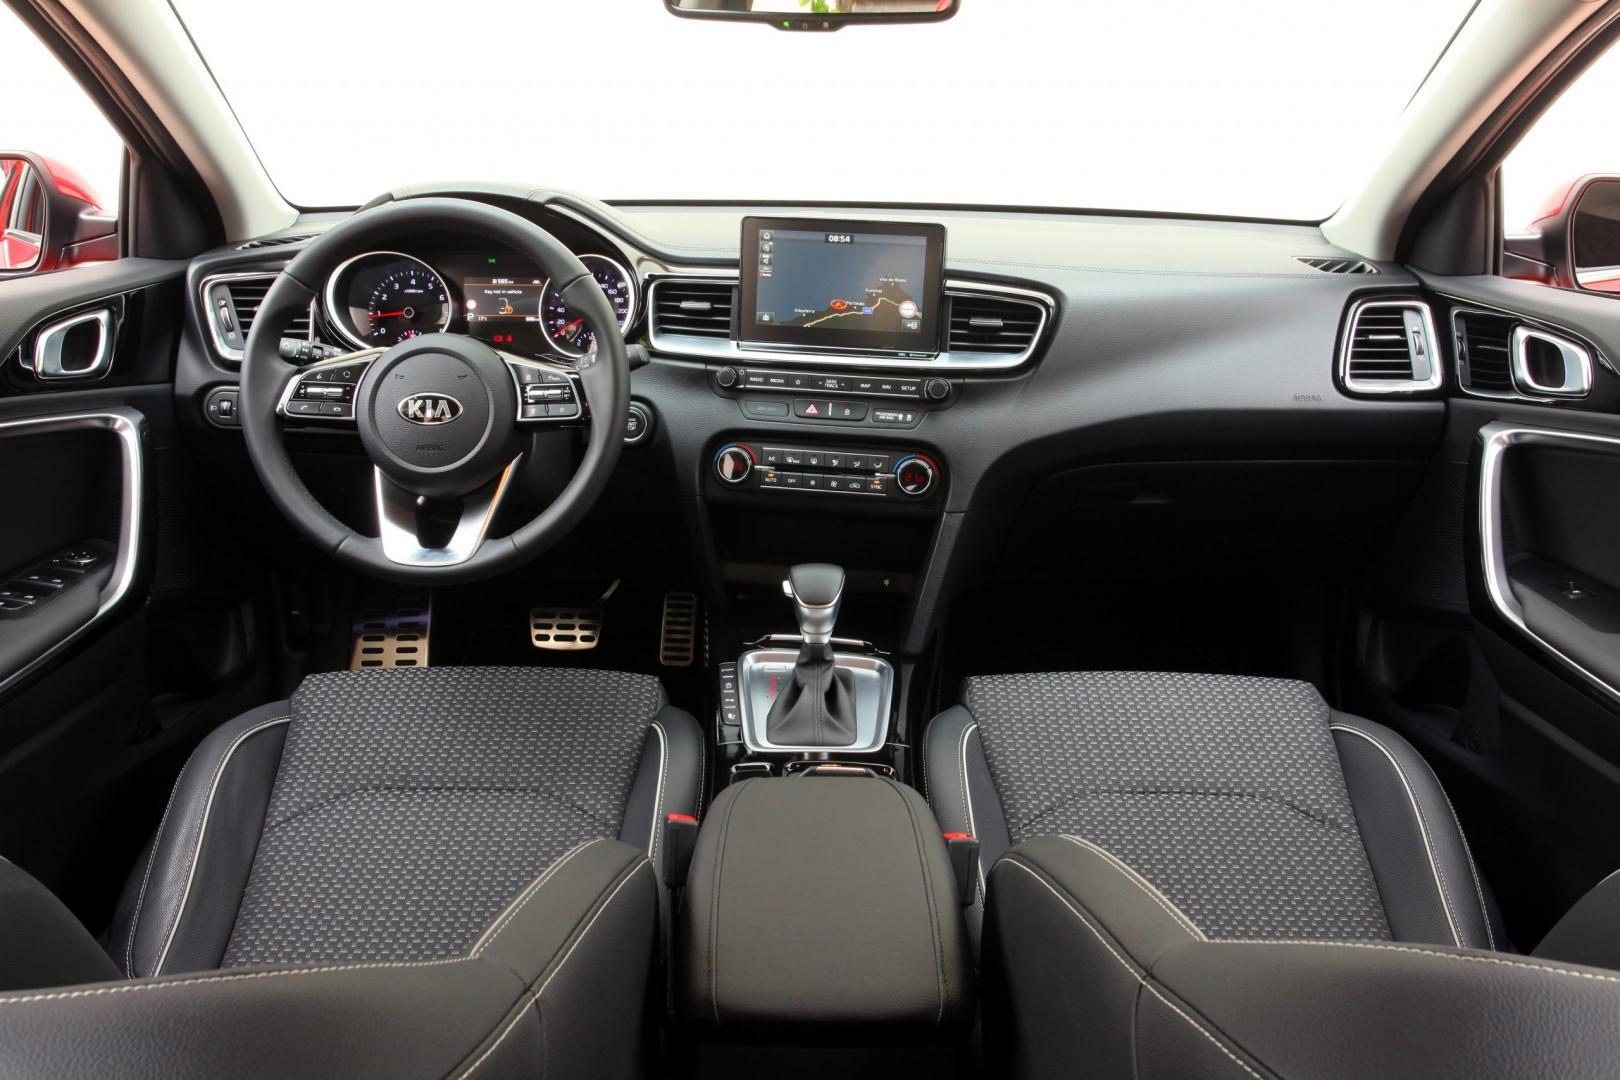 Kia Ceed 1.4 T-GDI 140 pk DynamicLine interieur